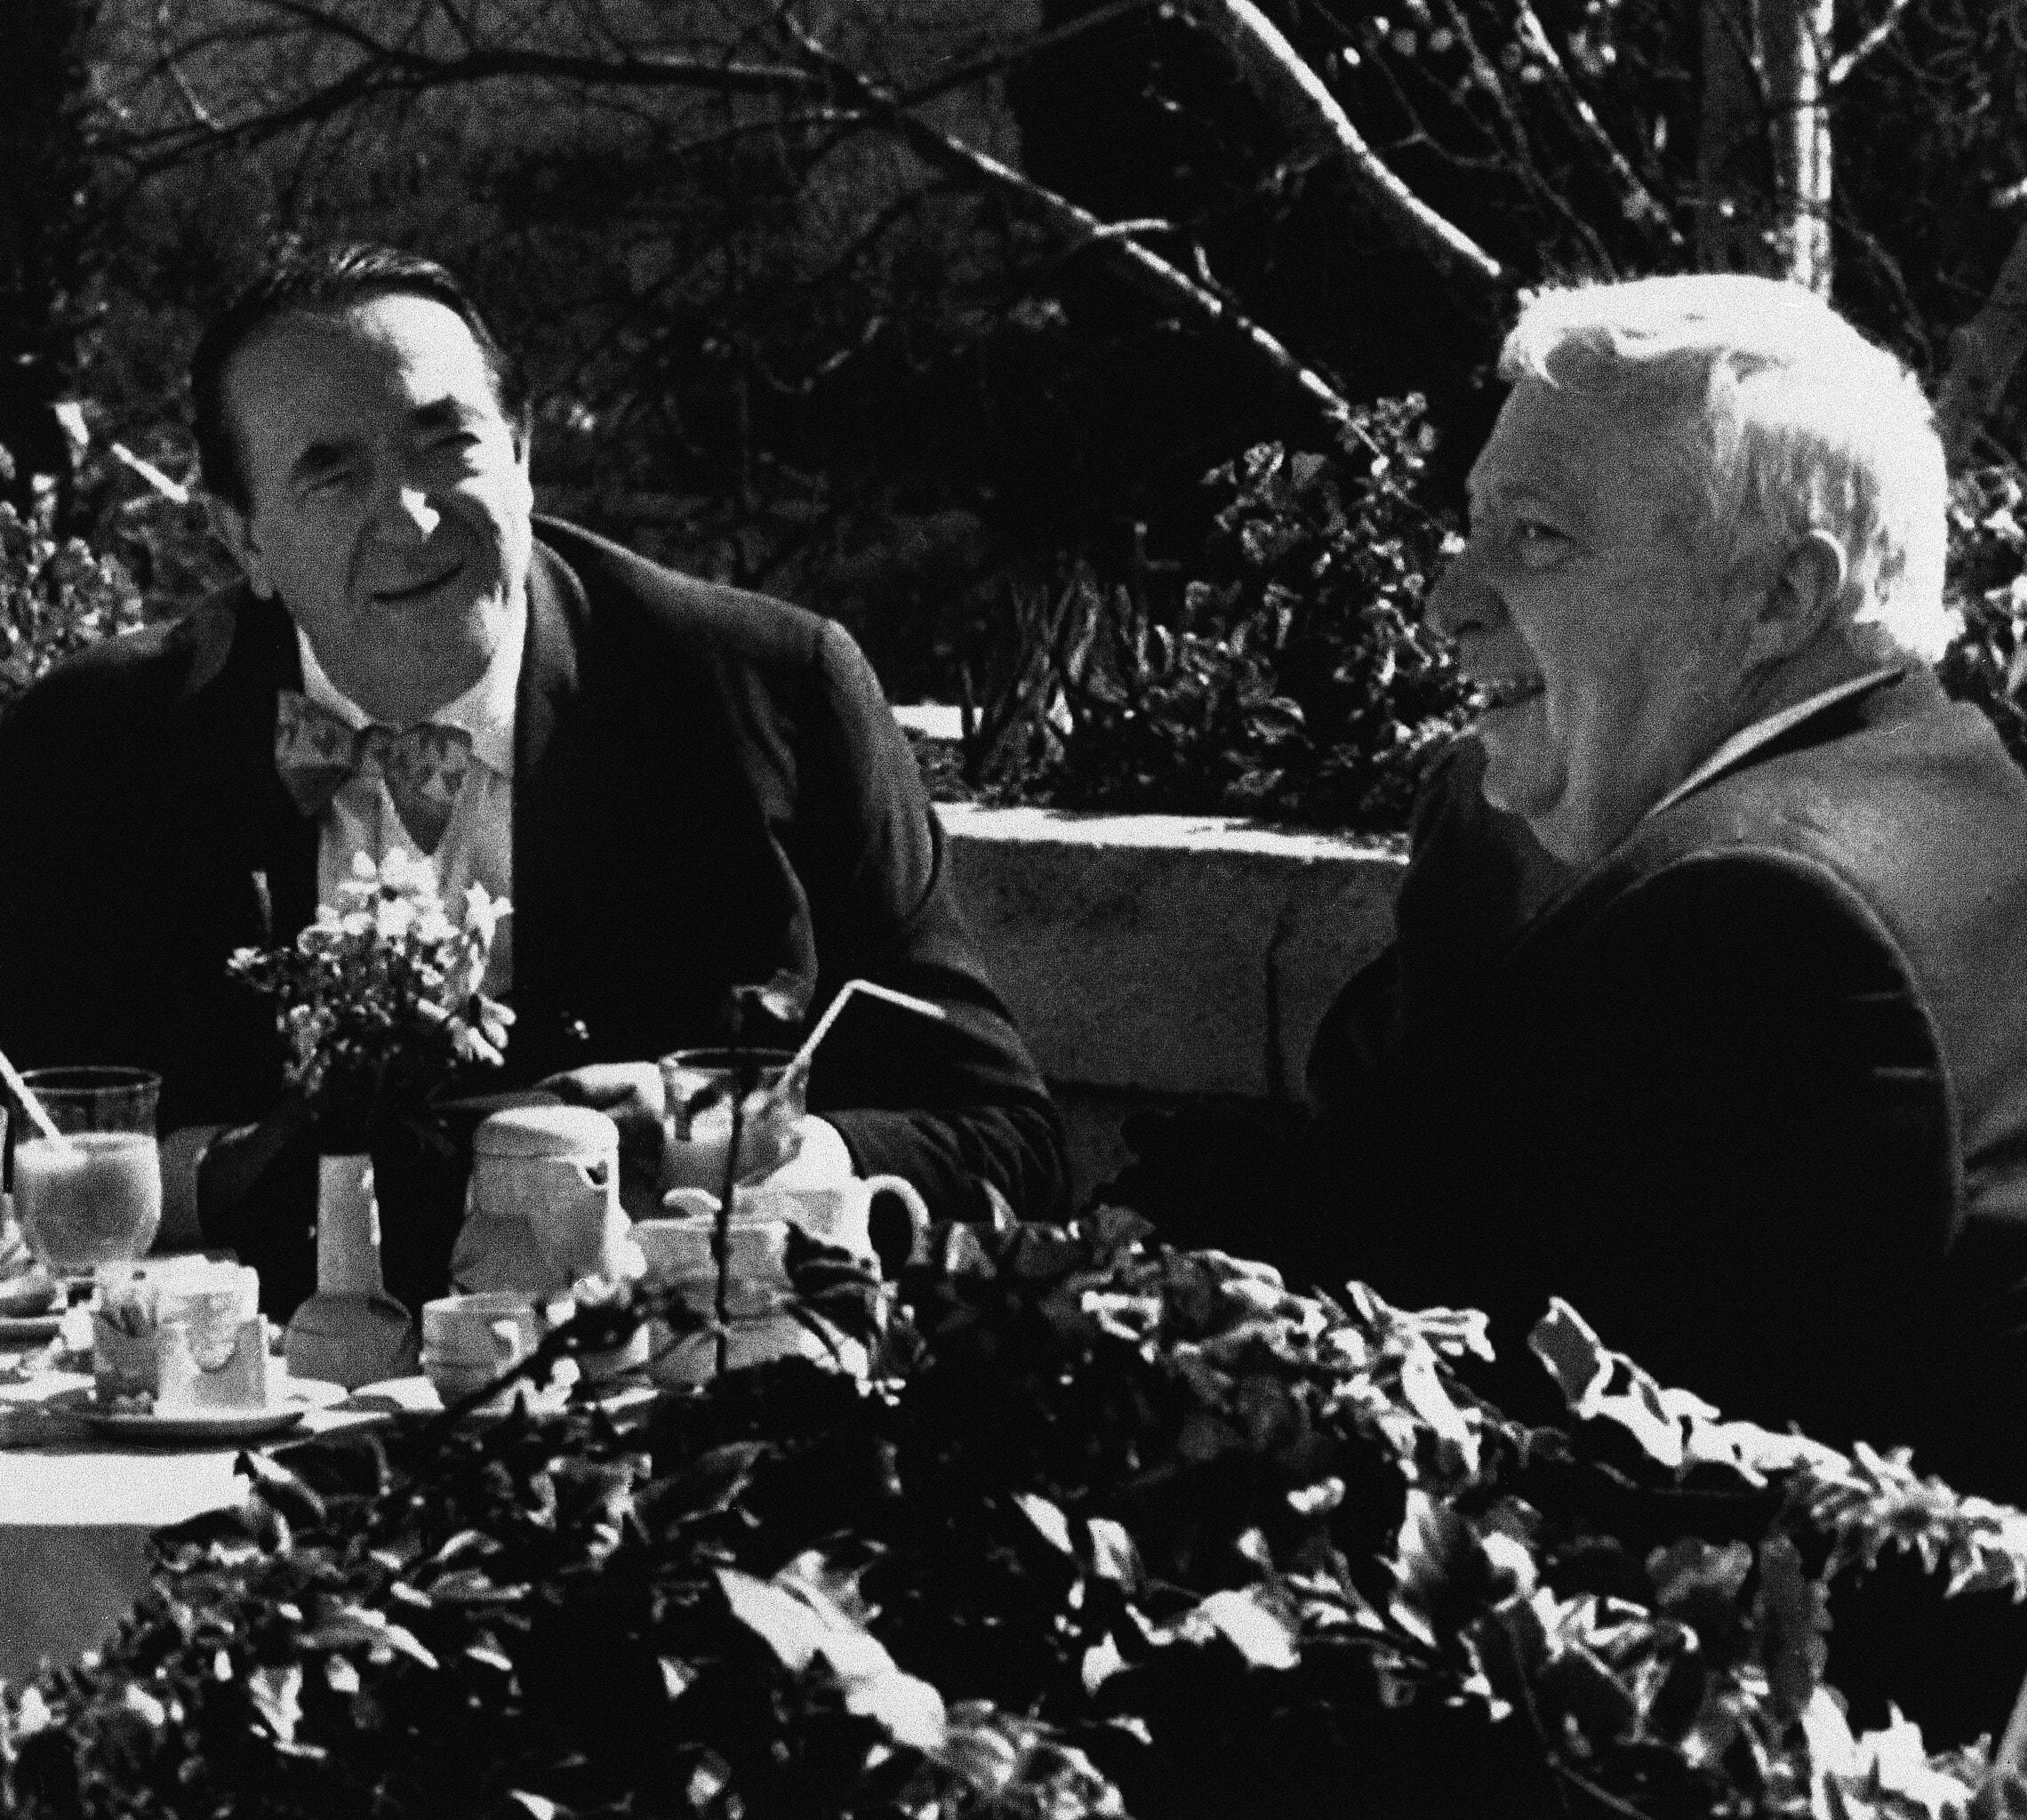 רוברט מקסוול עם אריאל שרון ב-1990 (צילום: AP Photo)